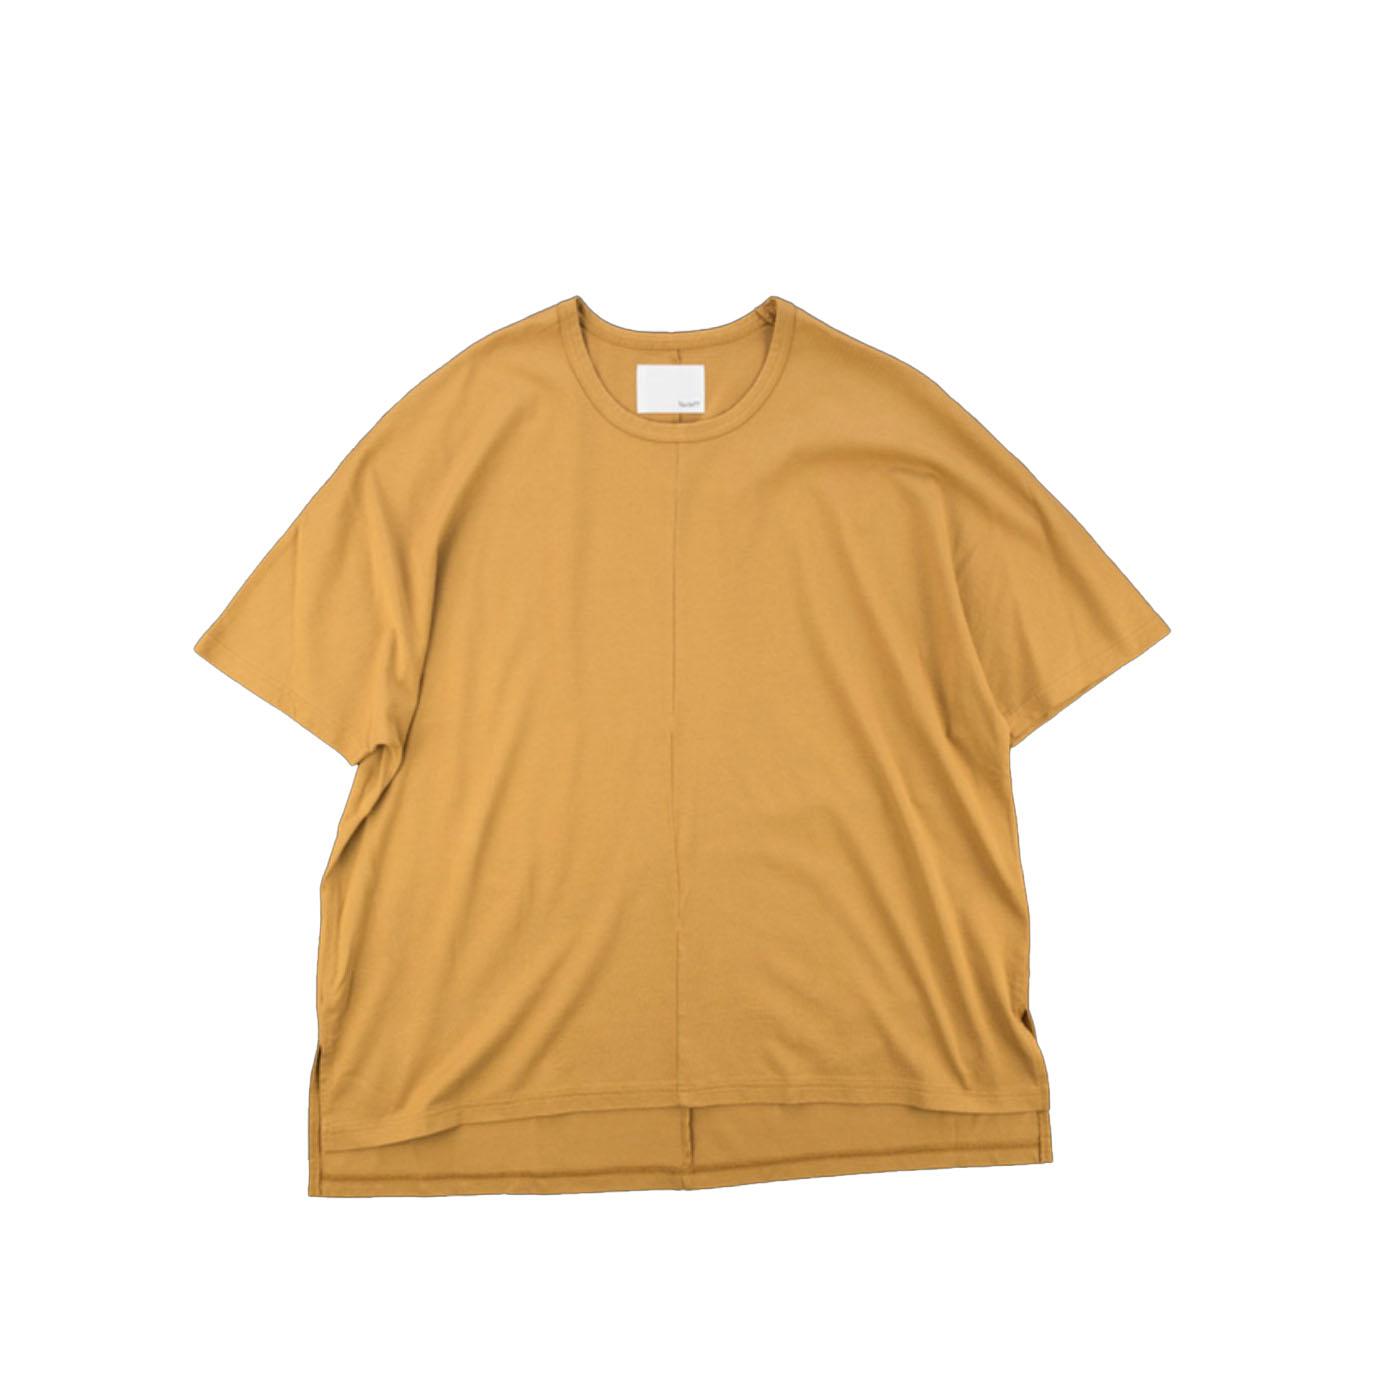 画像1: CENTERLINE T-SHIRTS LIGHT BROWN  (1)